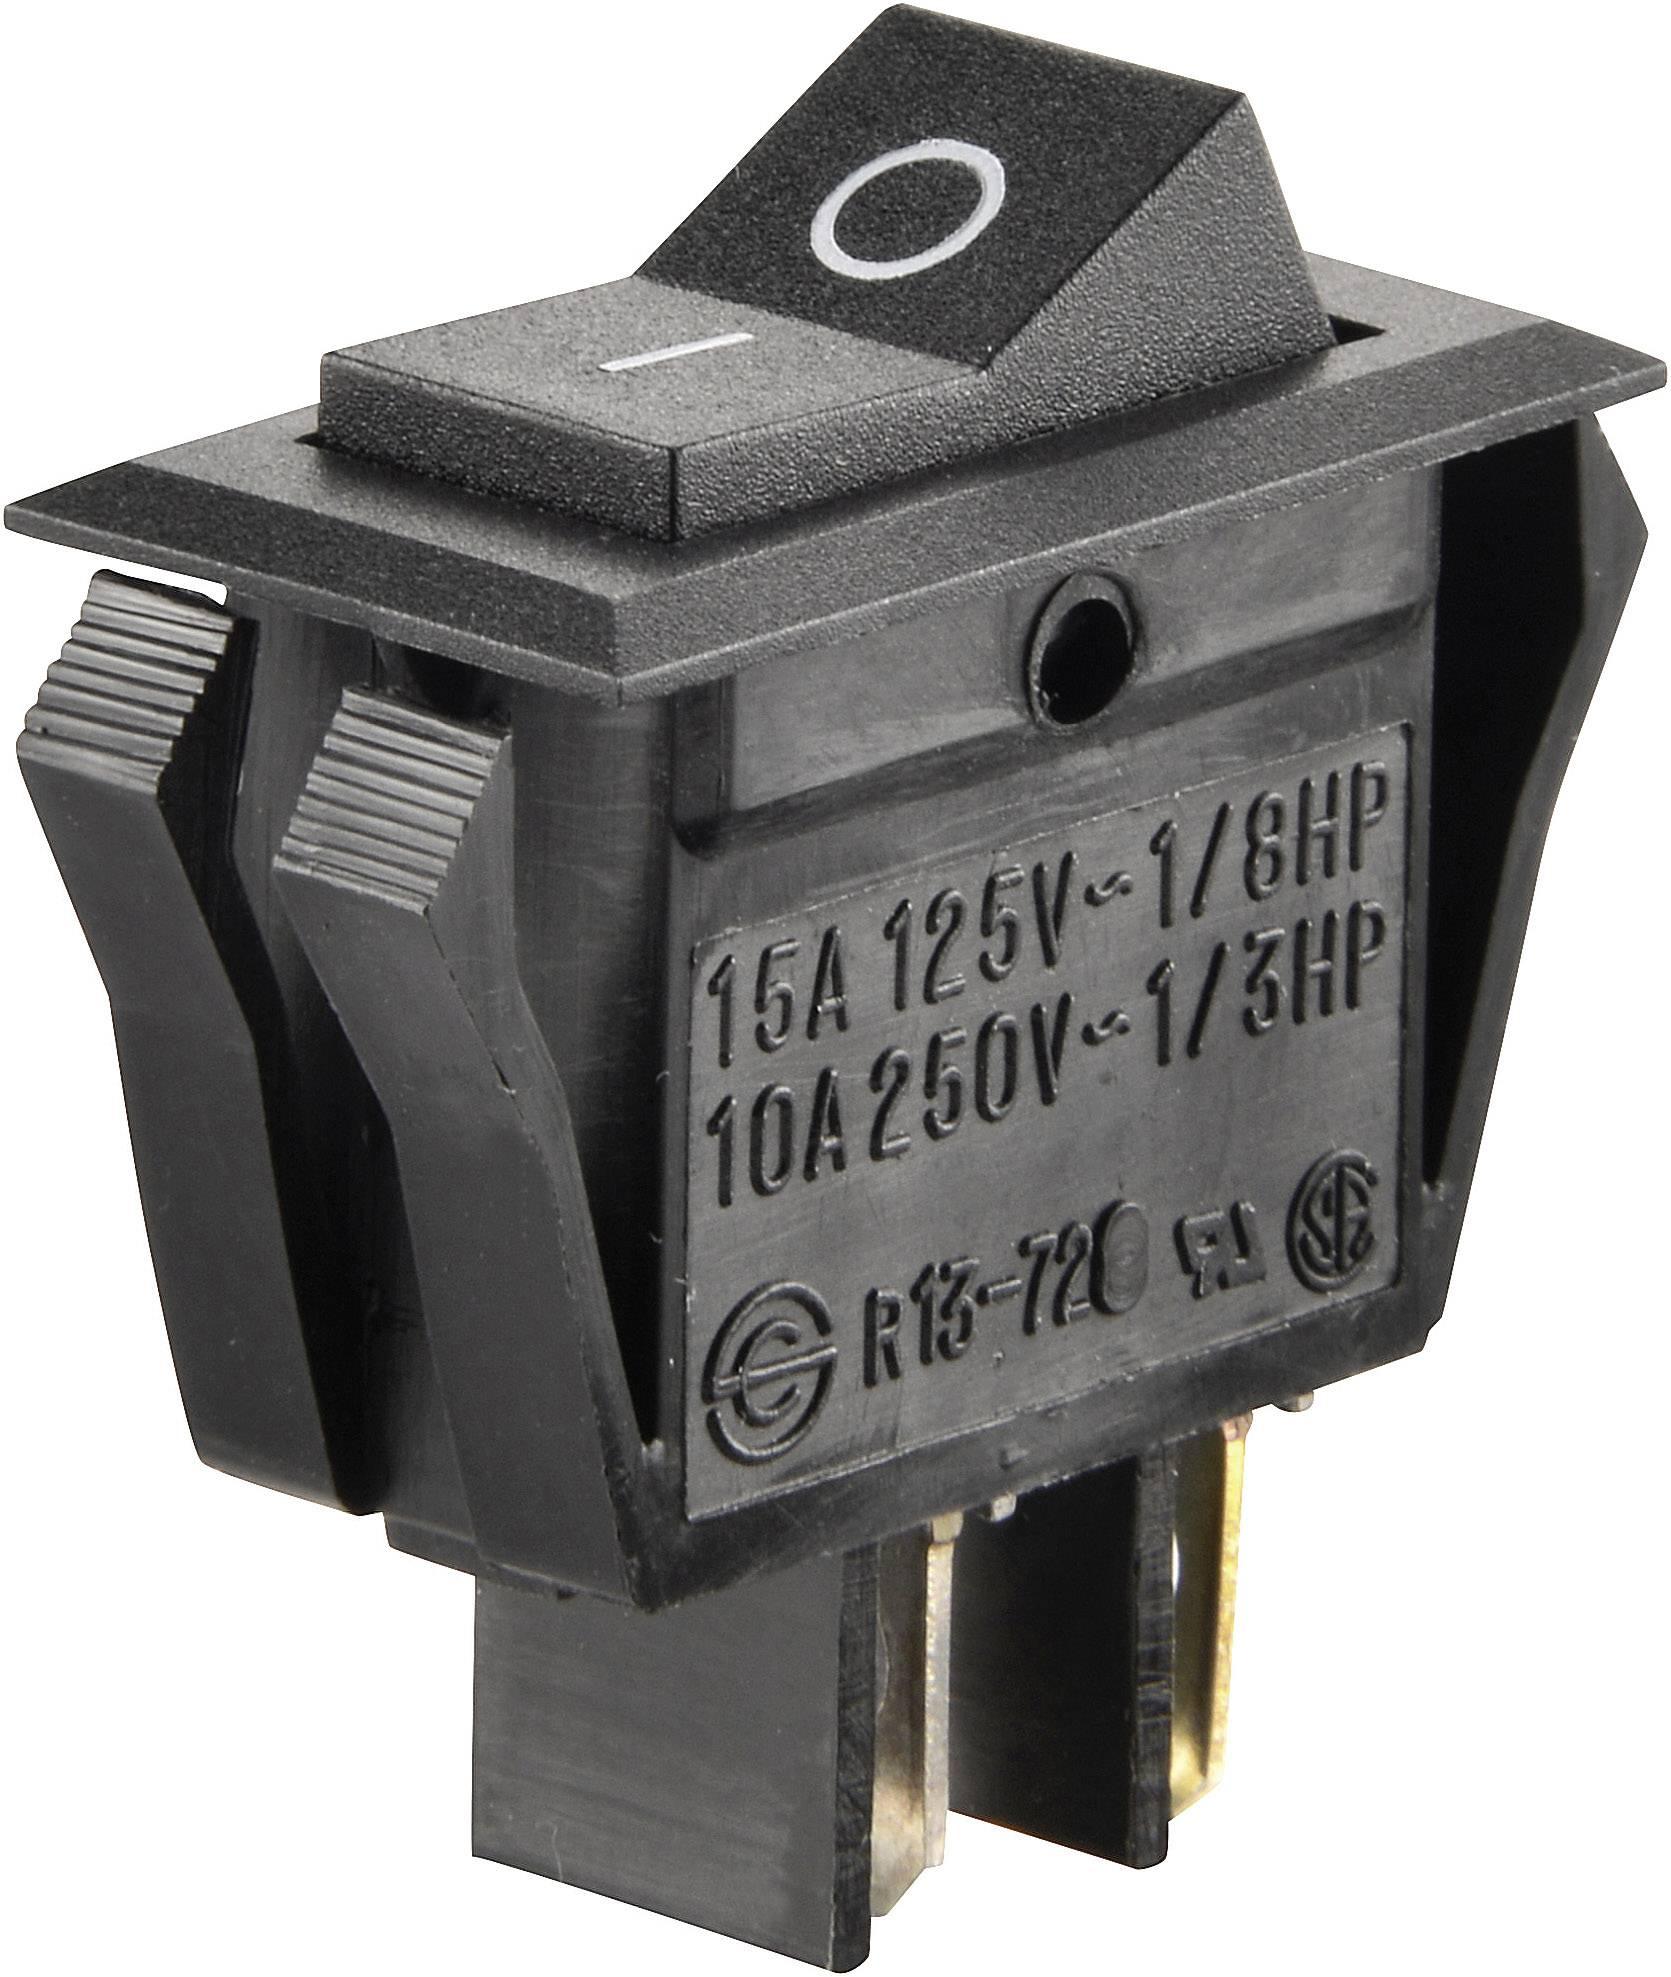 Kolískový spínač SCI R13-72A-01 s aretáciou 250 V/AC, 10 A, 1x vyp/zap, čierna, 1 ks